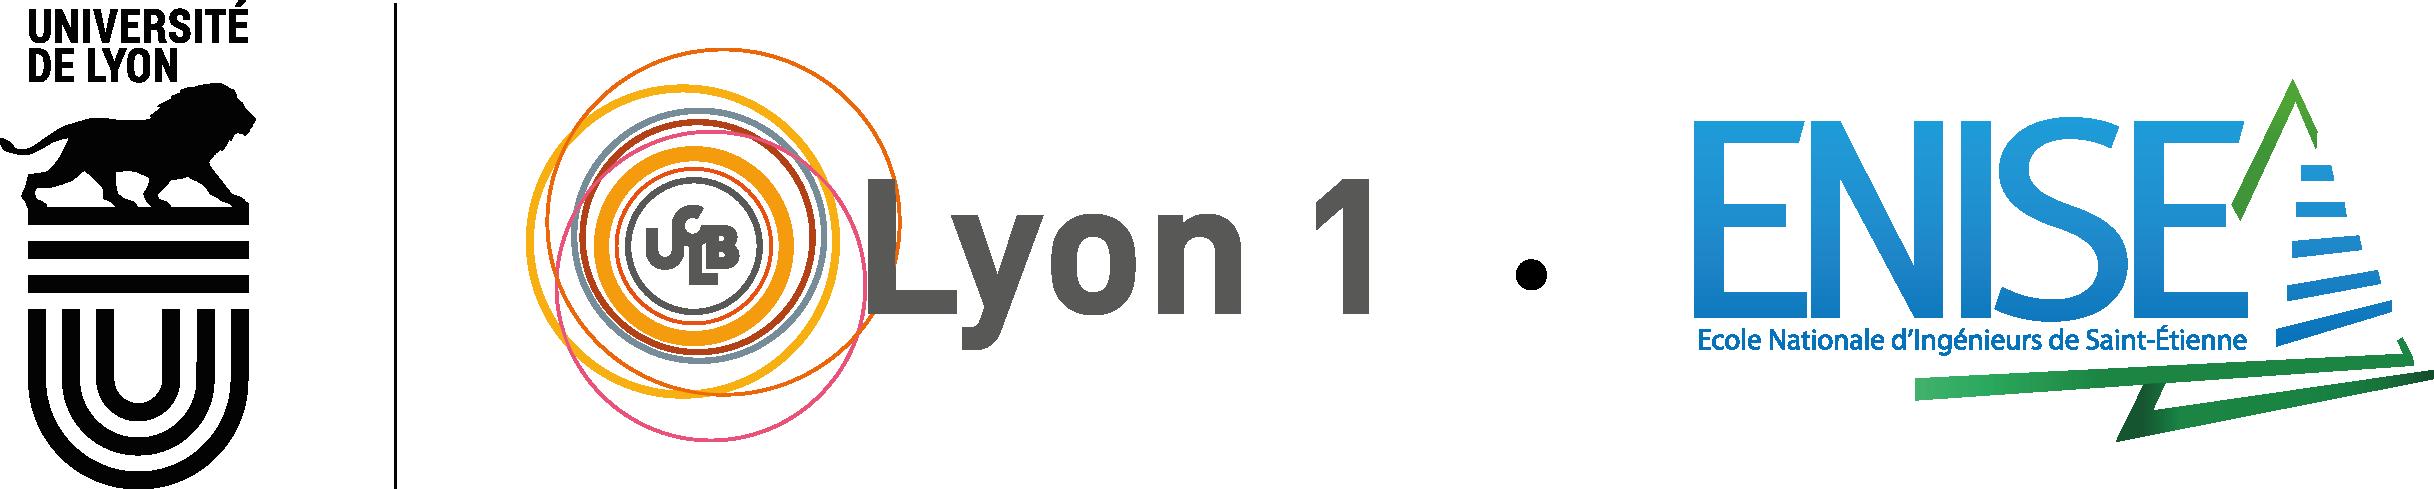 Université Claude Bernard Lyon 1 + Ecole Nationale d'Ingénieurs de Saint-Etienne (ENISE)